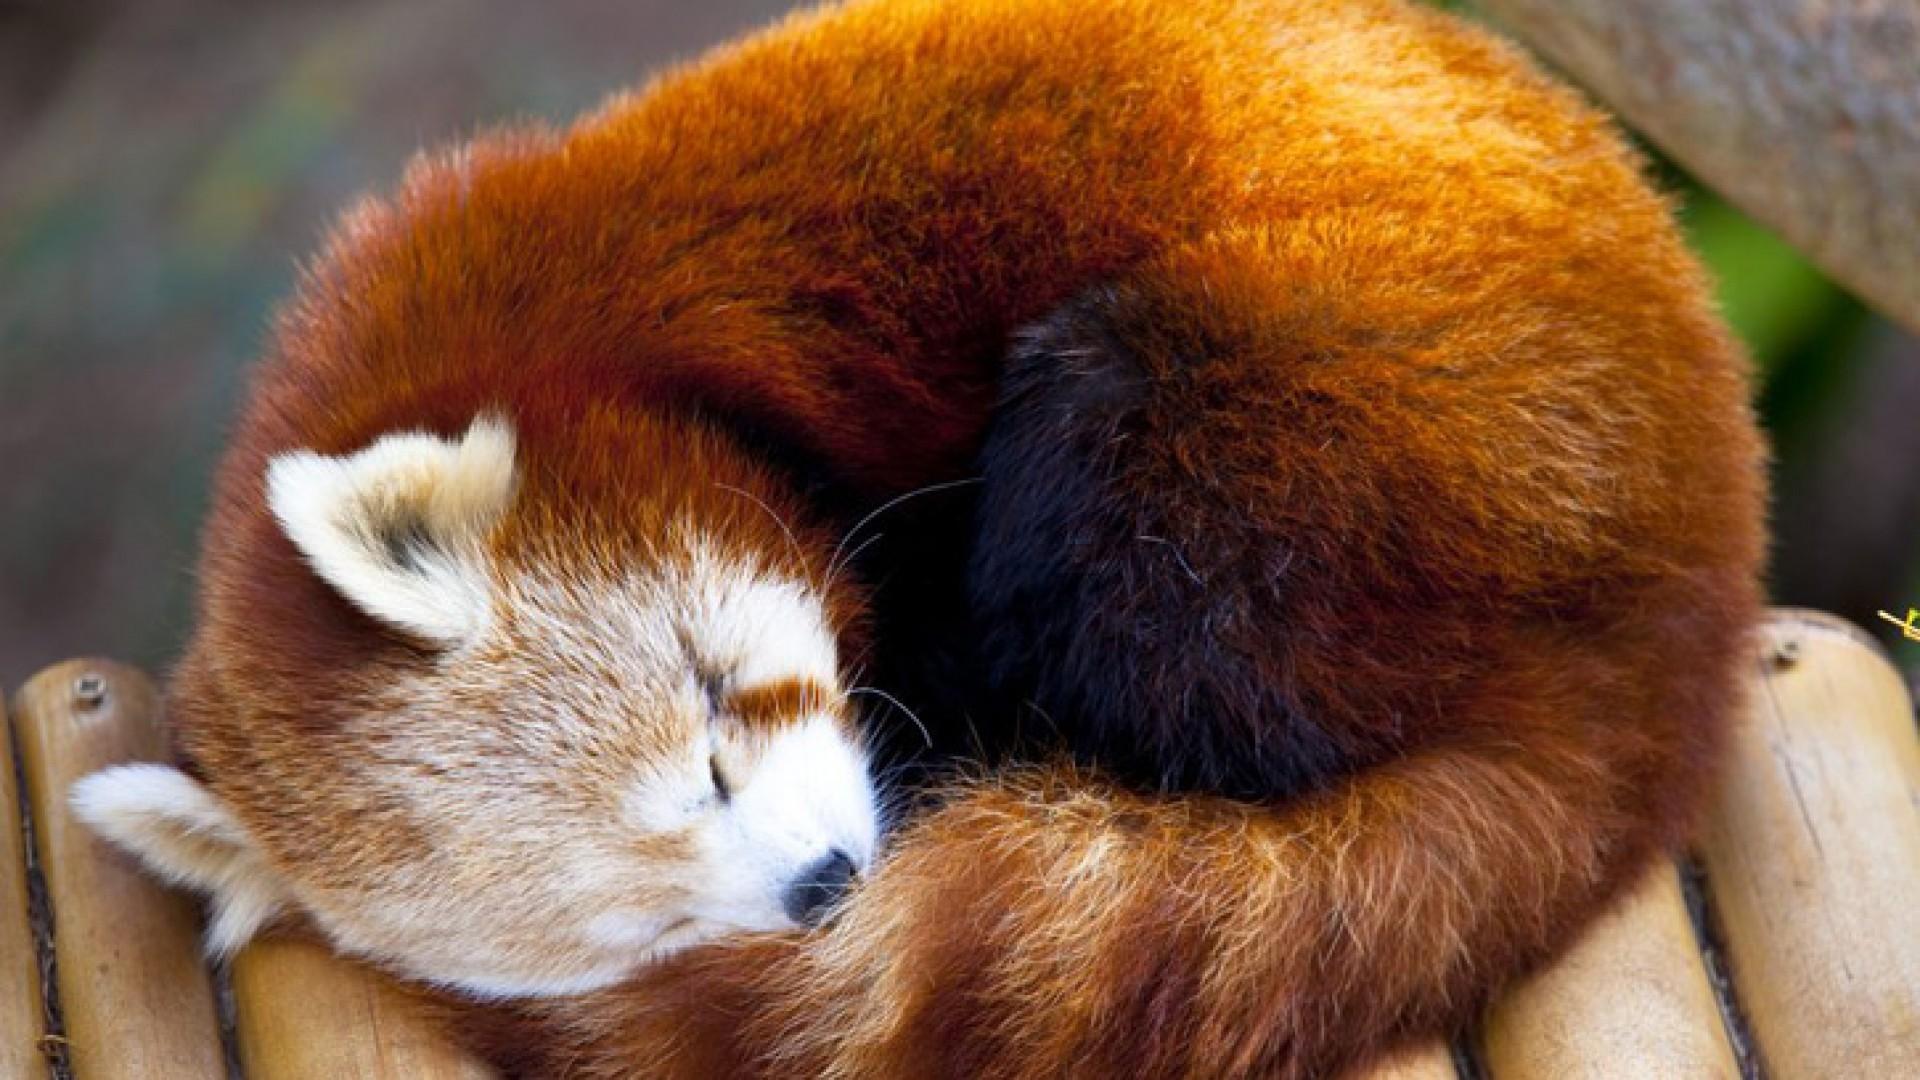 Baby Red Panda 27 HD Image